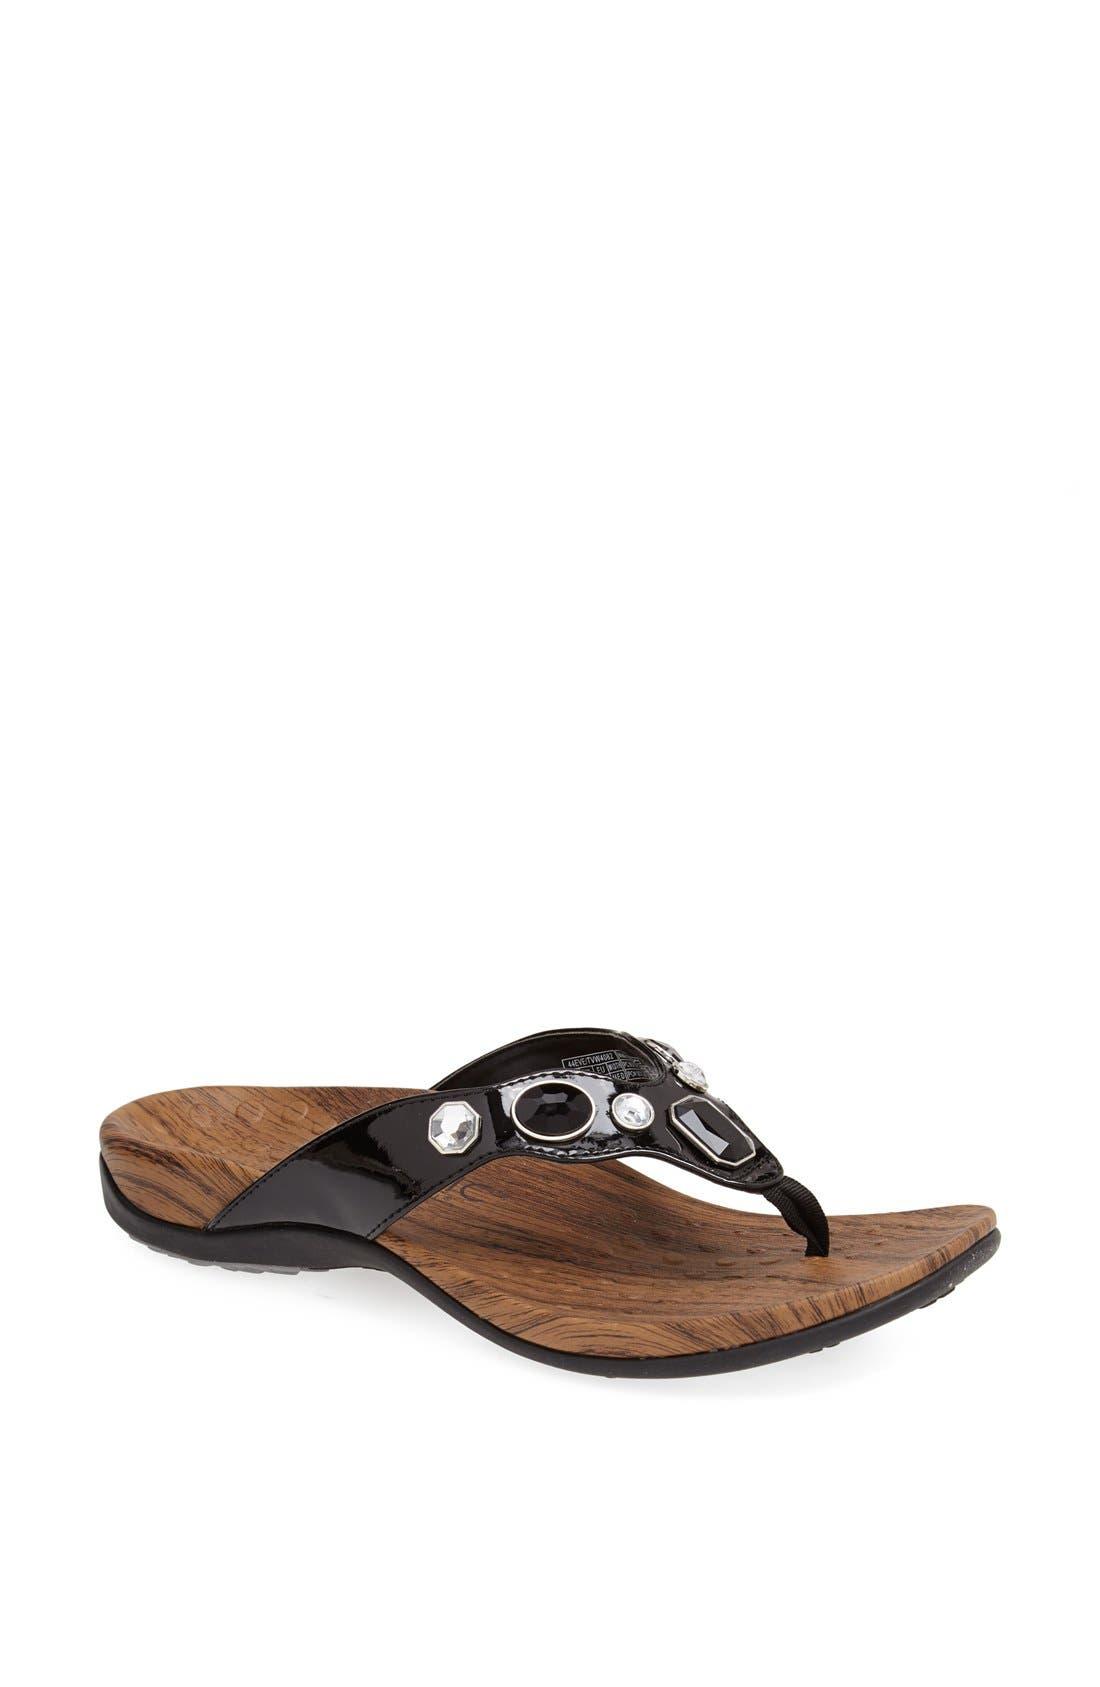 Main Image - Vionic 'Eve' Toe Post Sandal